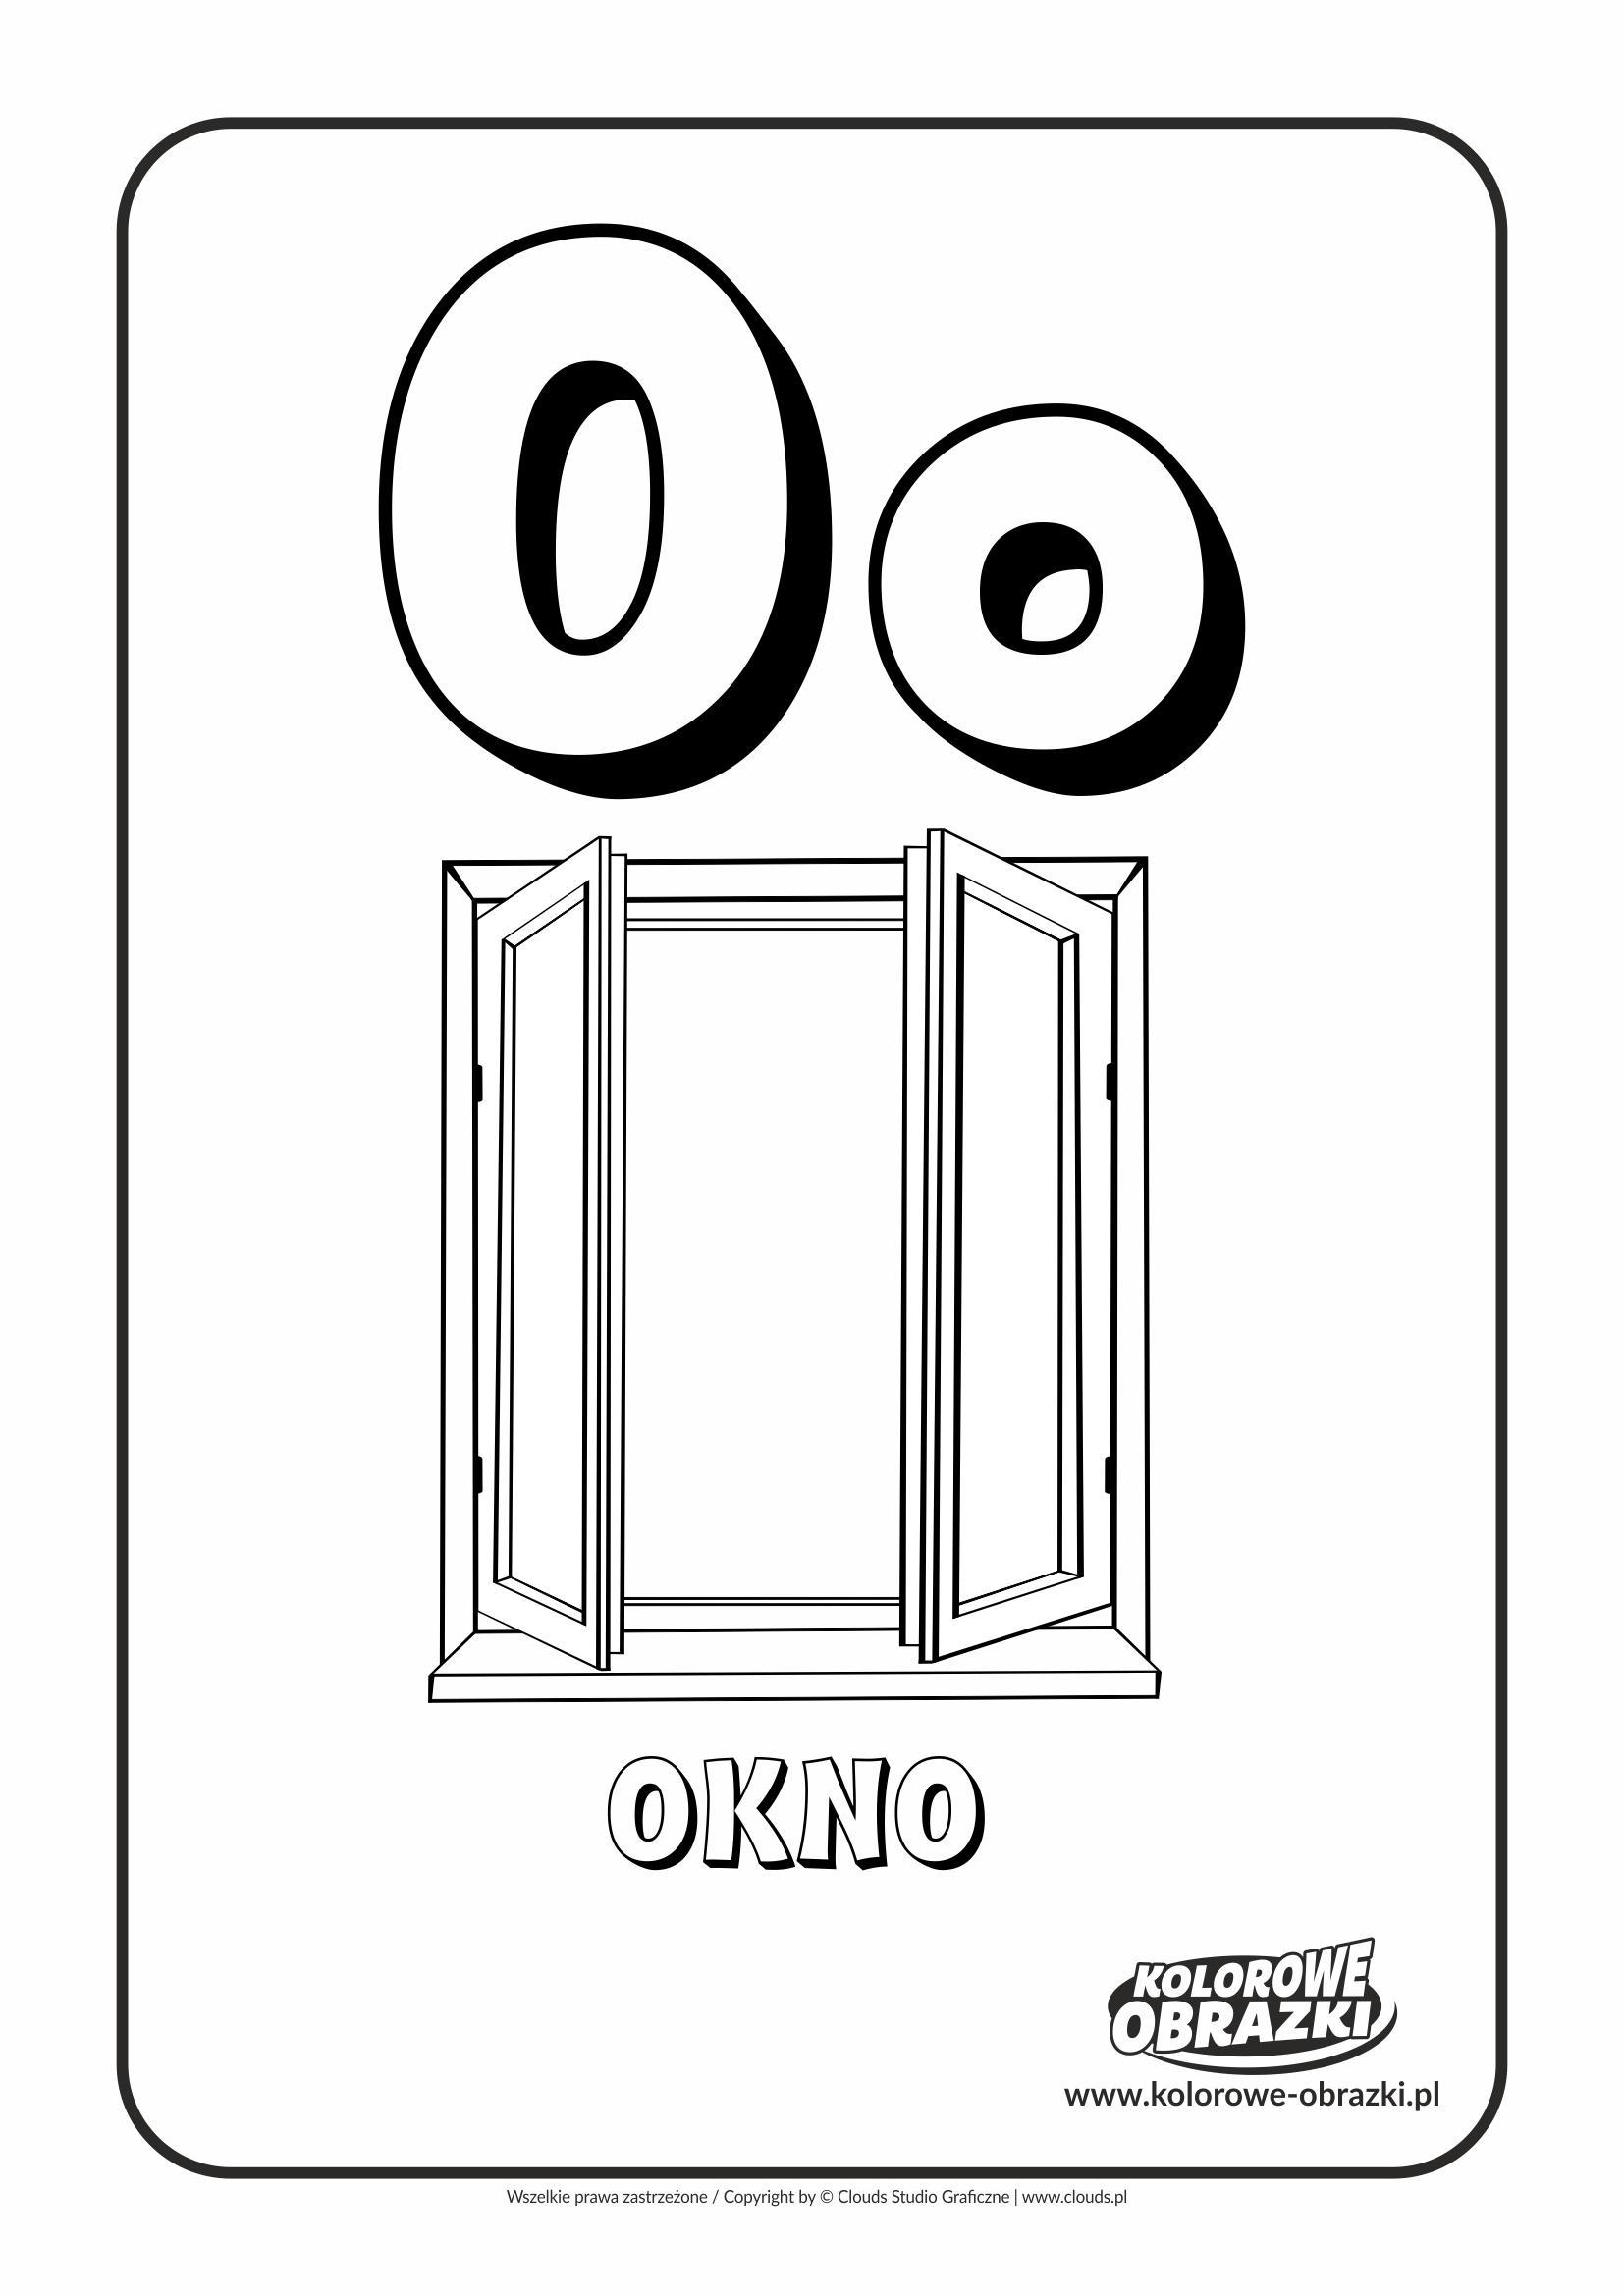 Kolorowanki dla dzieci - Litery / Litera O. Kolorowanka z literą O